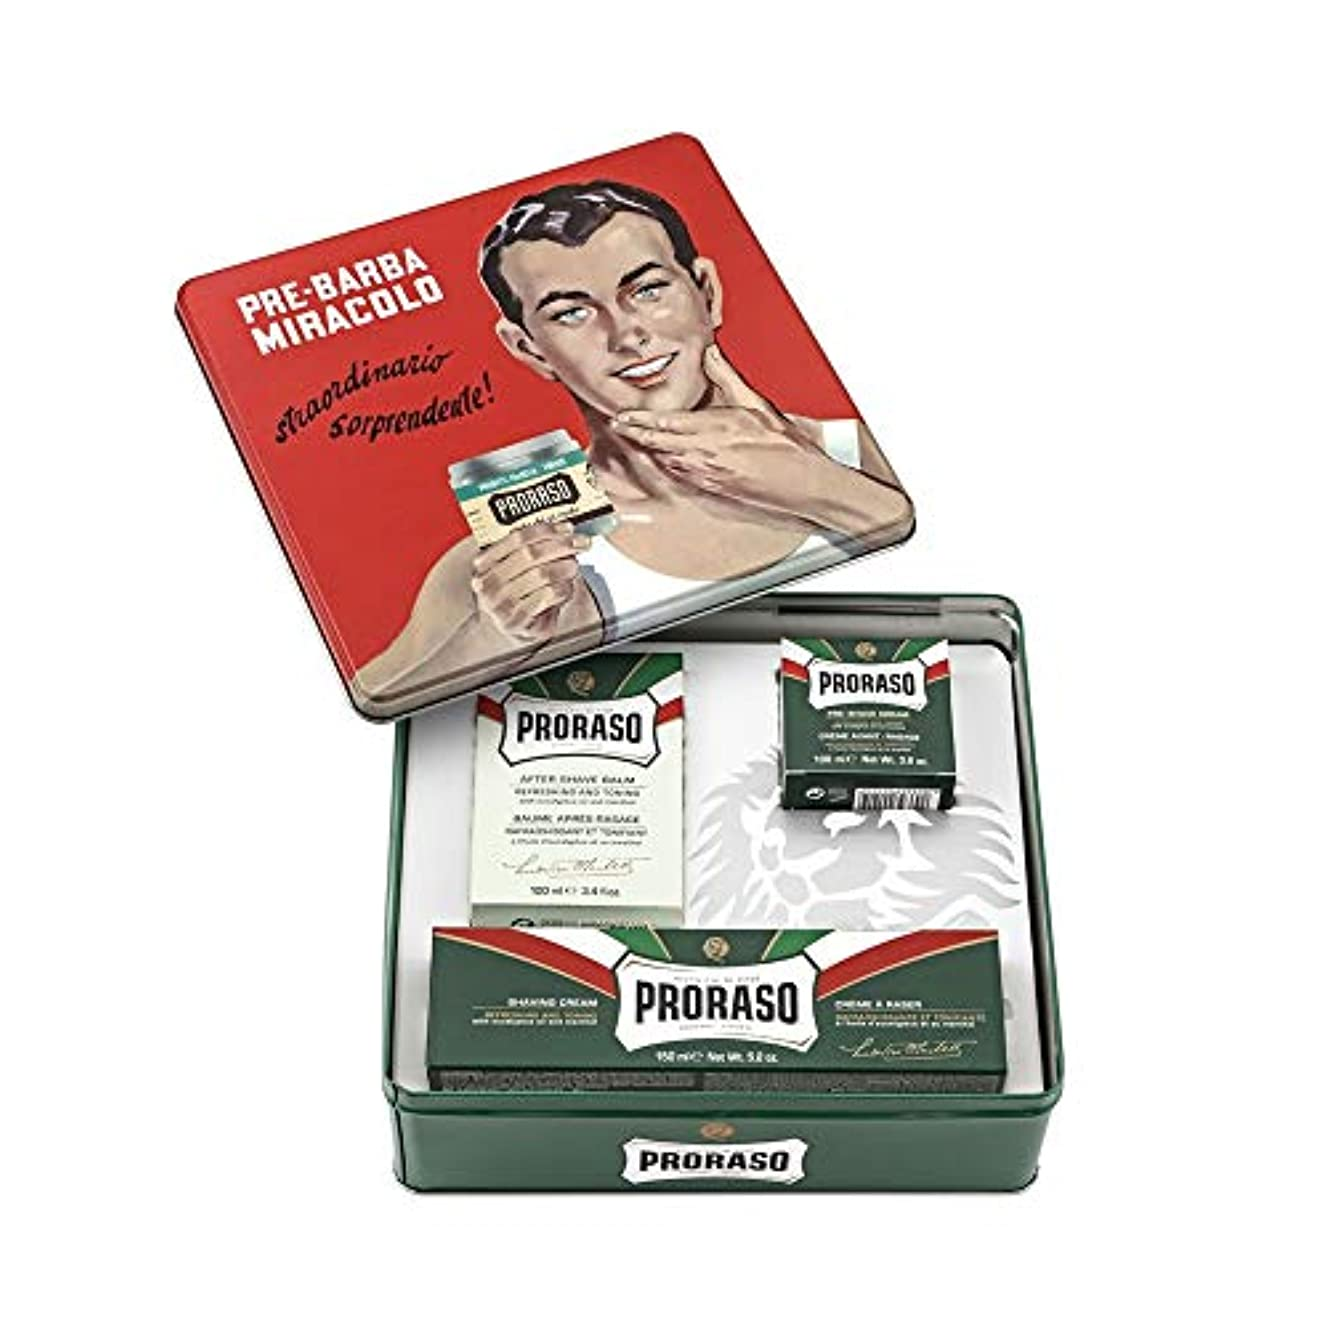 間違えた宣伝不適Proraso ジーノ ヴィンテージ リフレッシュ セレクション 缶[海外直送品] [並行輸入品]